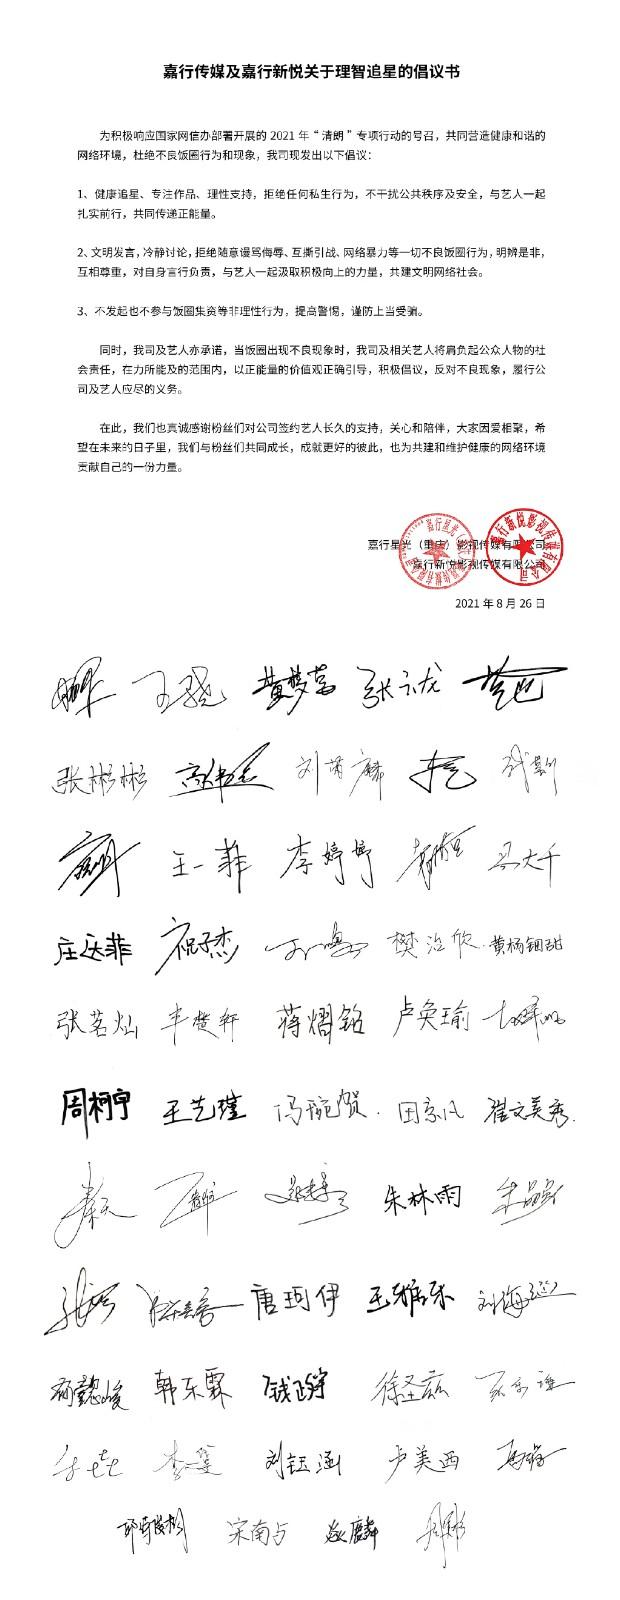 肖战杨紫等多家明星工作室发布理智追星倡议书_图1-5